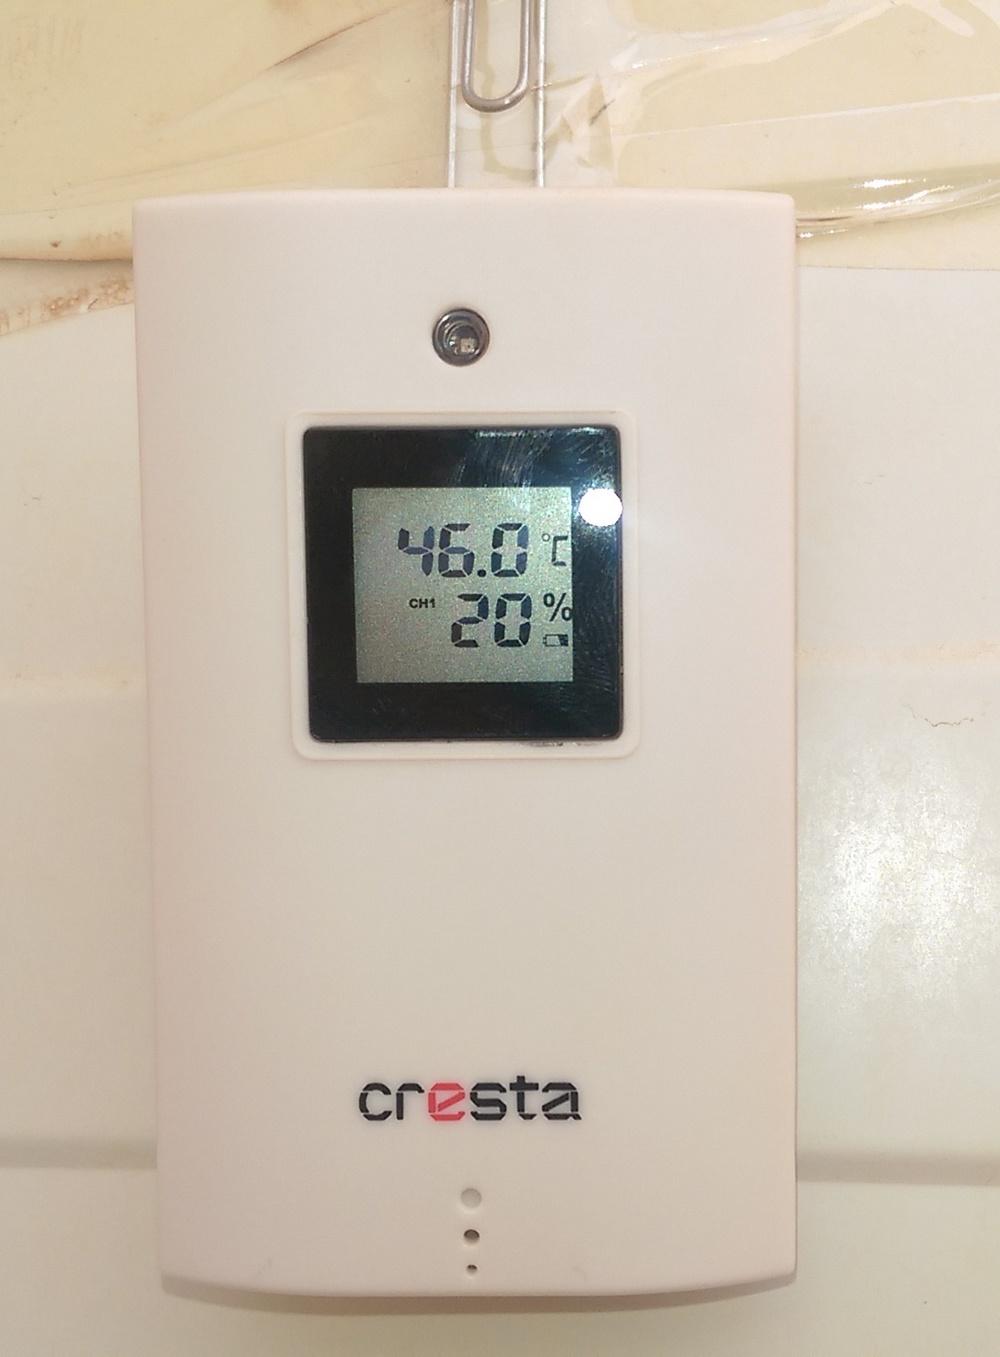 De hoogste temperatuur die ik tot nu toe heb gehad. De thermometer hangt in de schaduw.